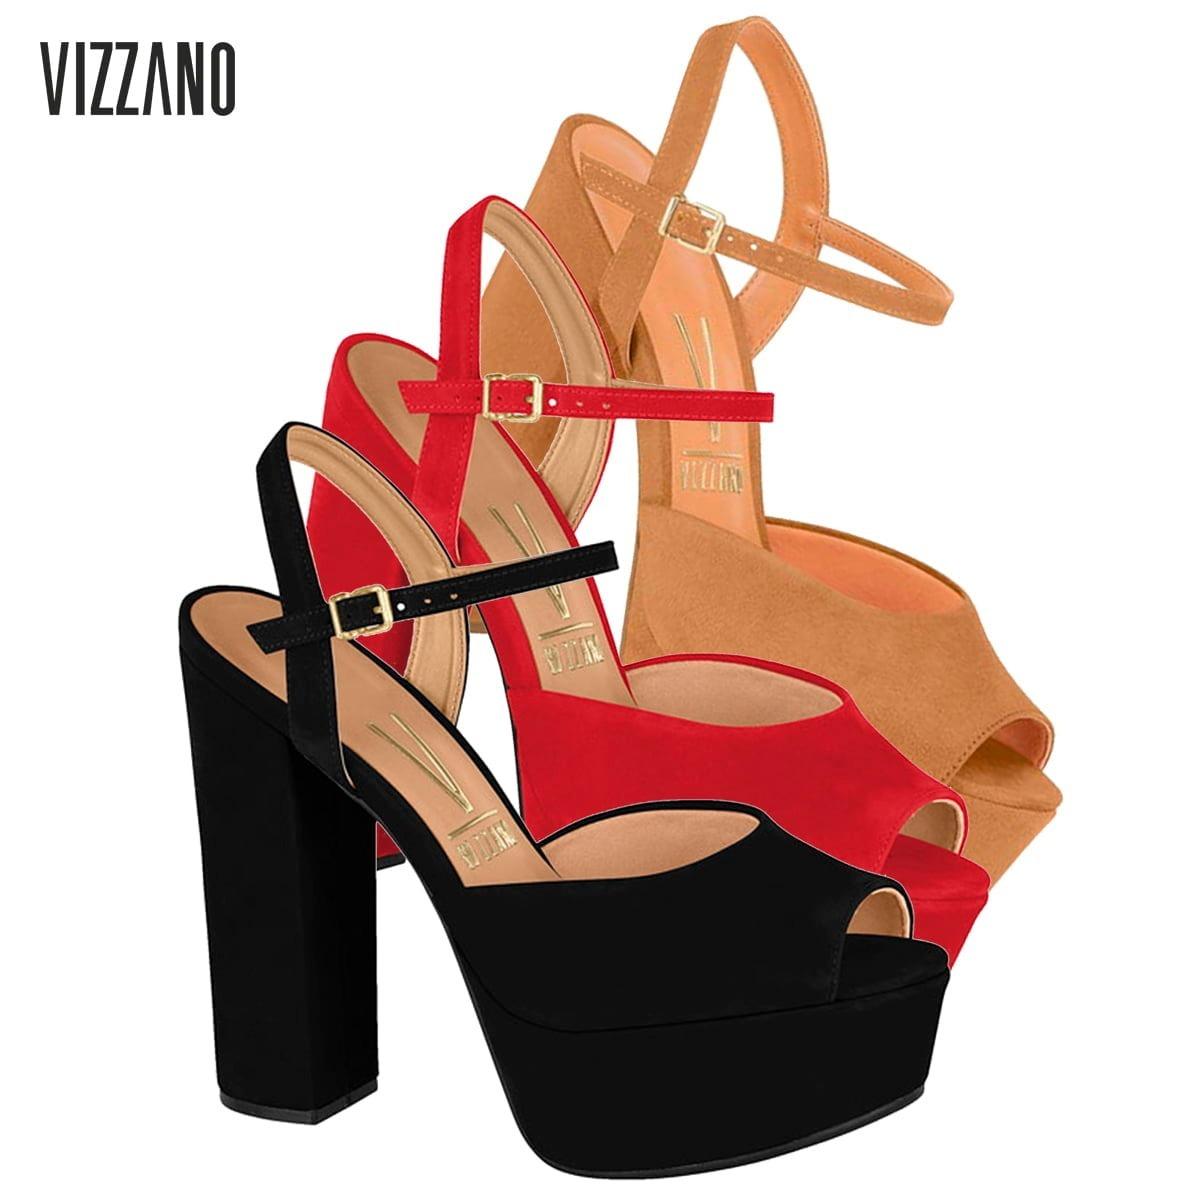 df1c3cffbb sandália feminina salto grosso verão meia pata vizzano 6282. Carregando  zoom.